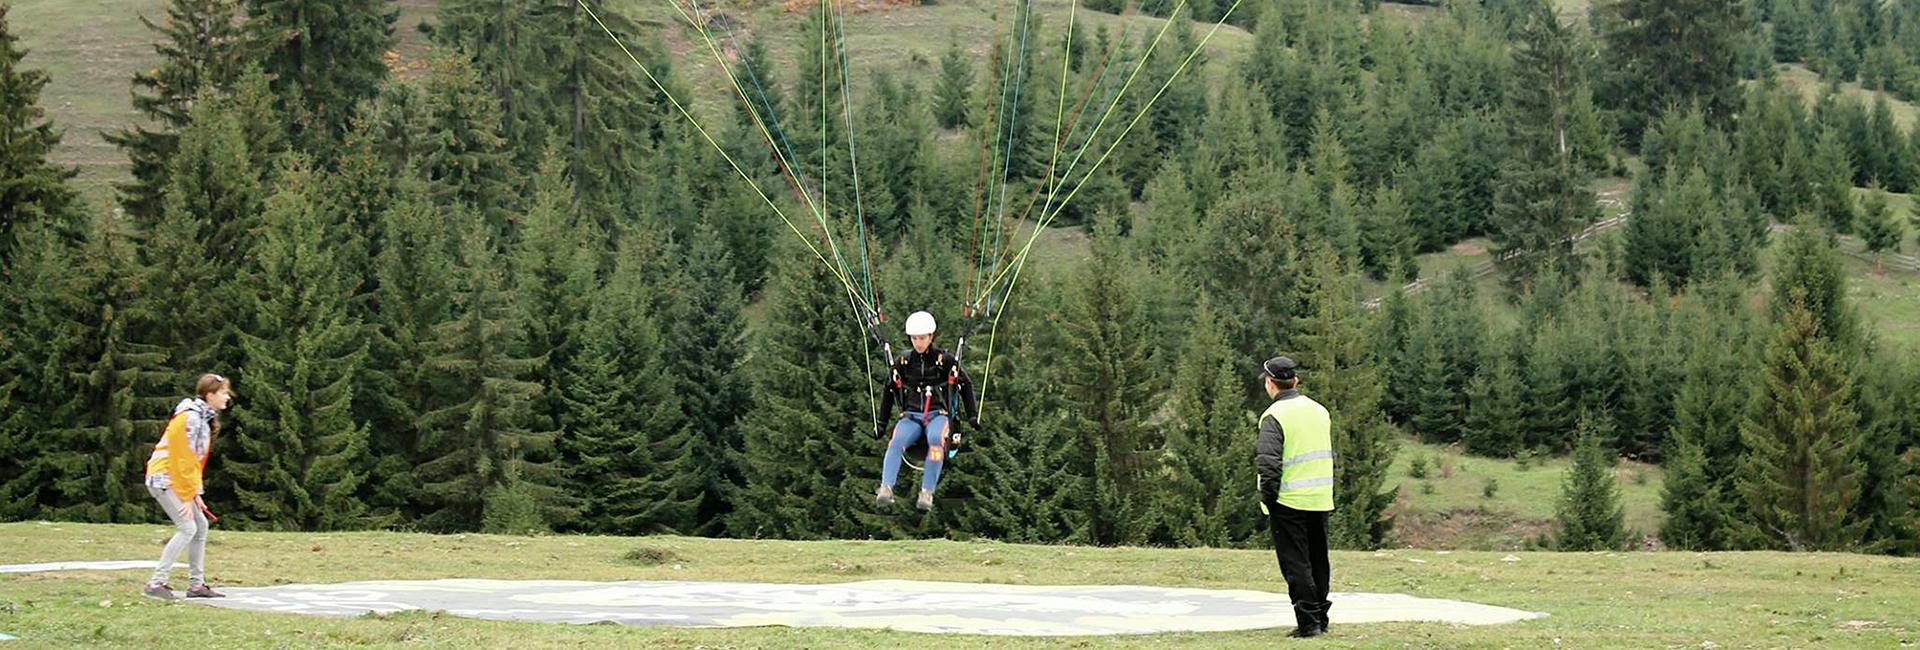 Competiția de aterizări punct fix cu parapanta